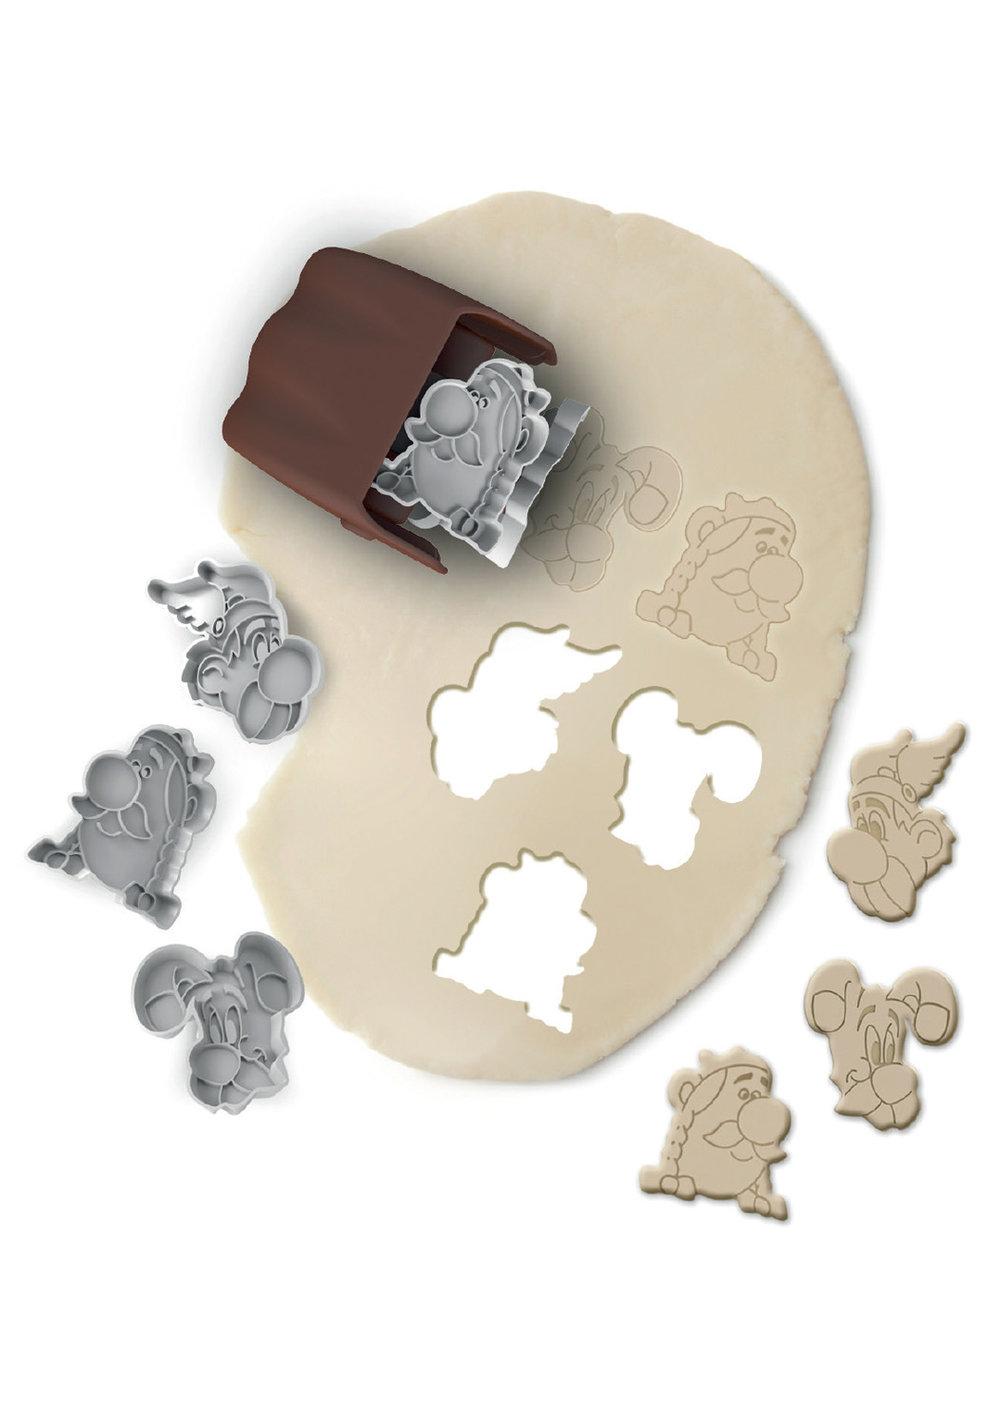 COOKIE ROLLERASTéRIX & OBéLIX - Simple et ludique ce COOKIE ROLLER vous permet de réaliser des cookies et autres sablés à l'effigie des grands personnages de la série Astérix & Obélix.500306 ASTÉRIX & OBÉLIX COOKIE ROLLER